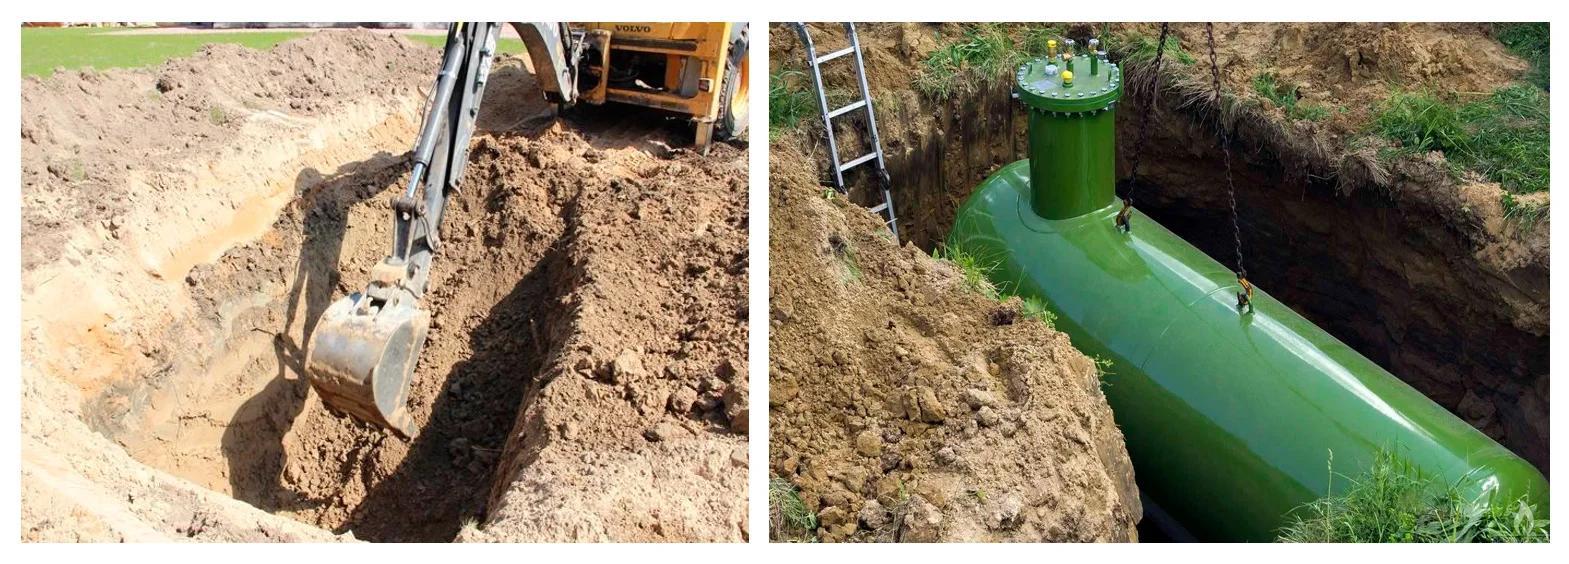 Подготовка котлована и установка газгольдера в котлован